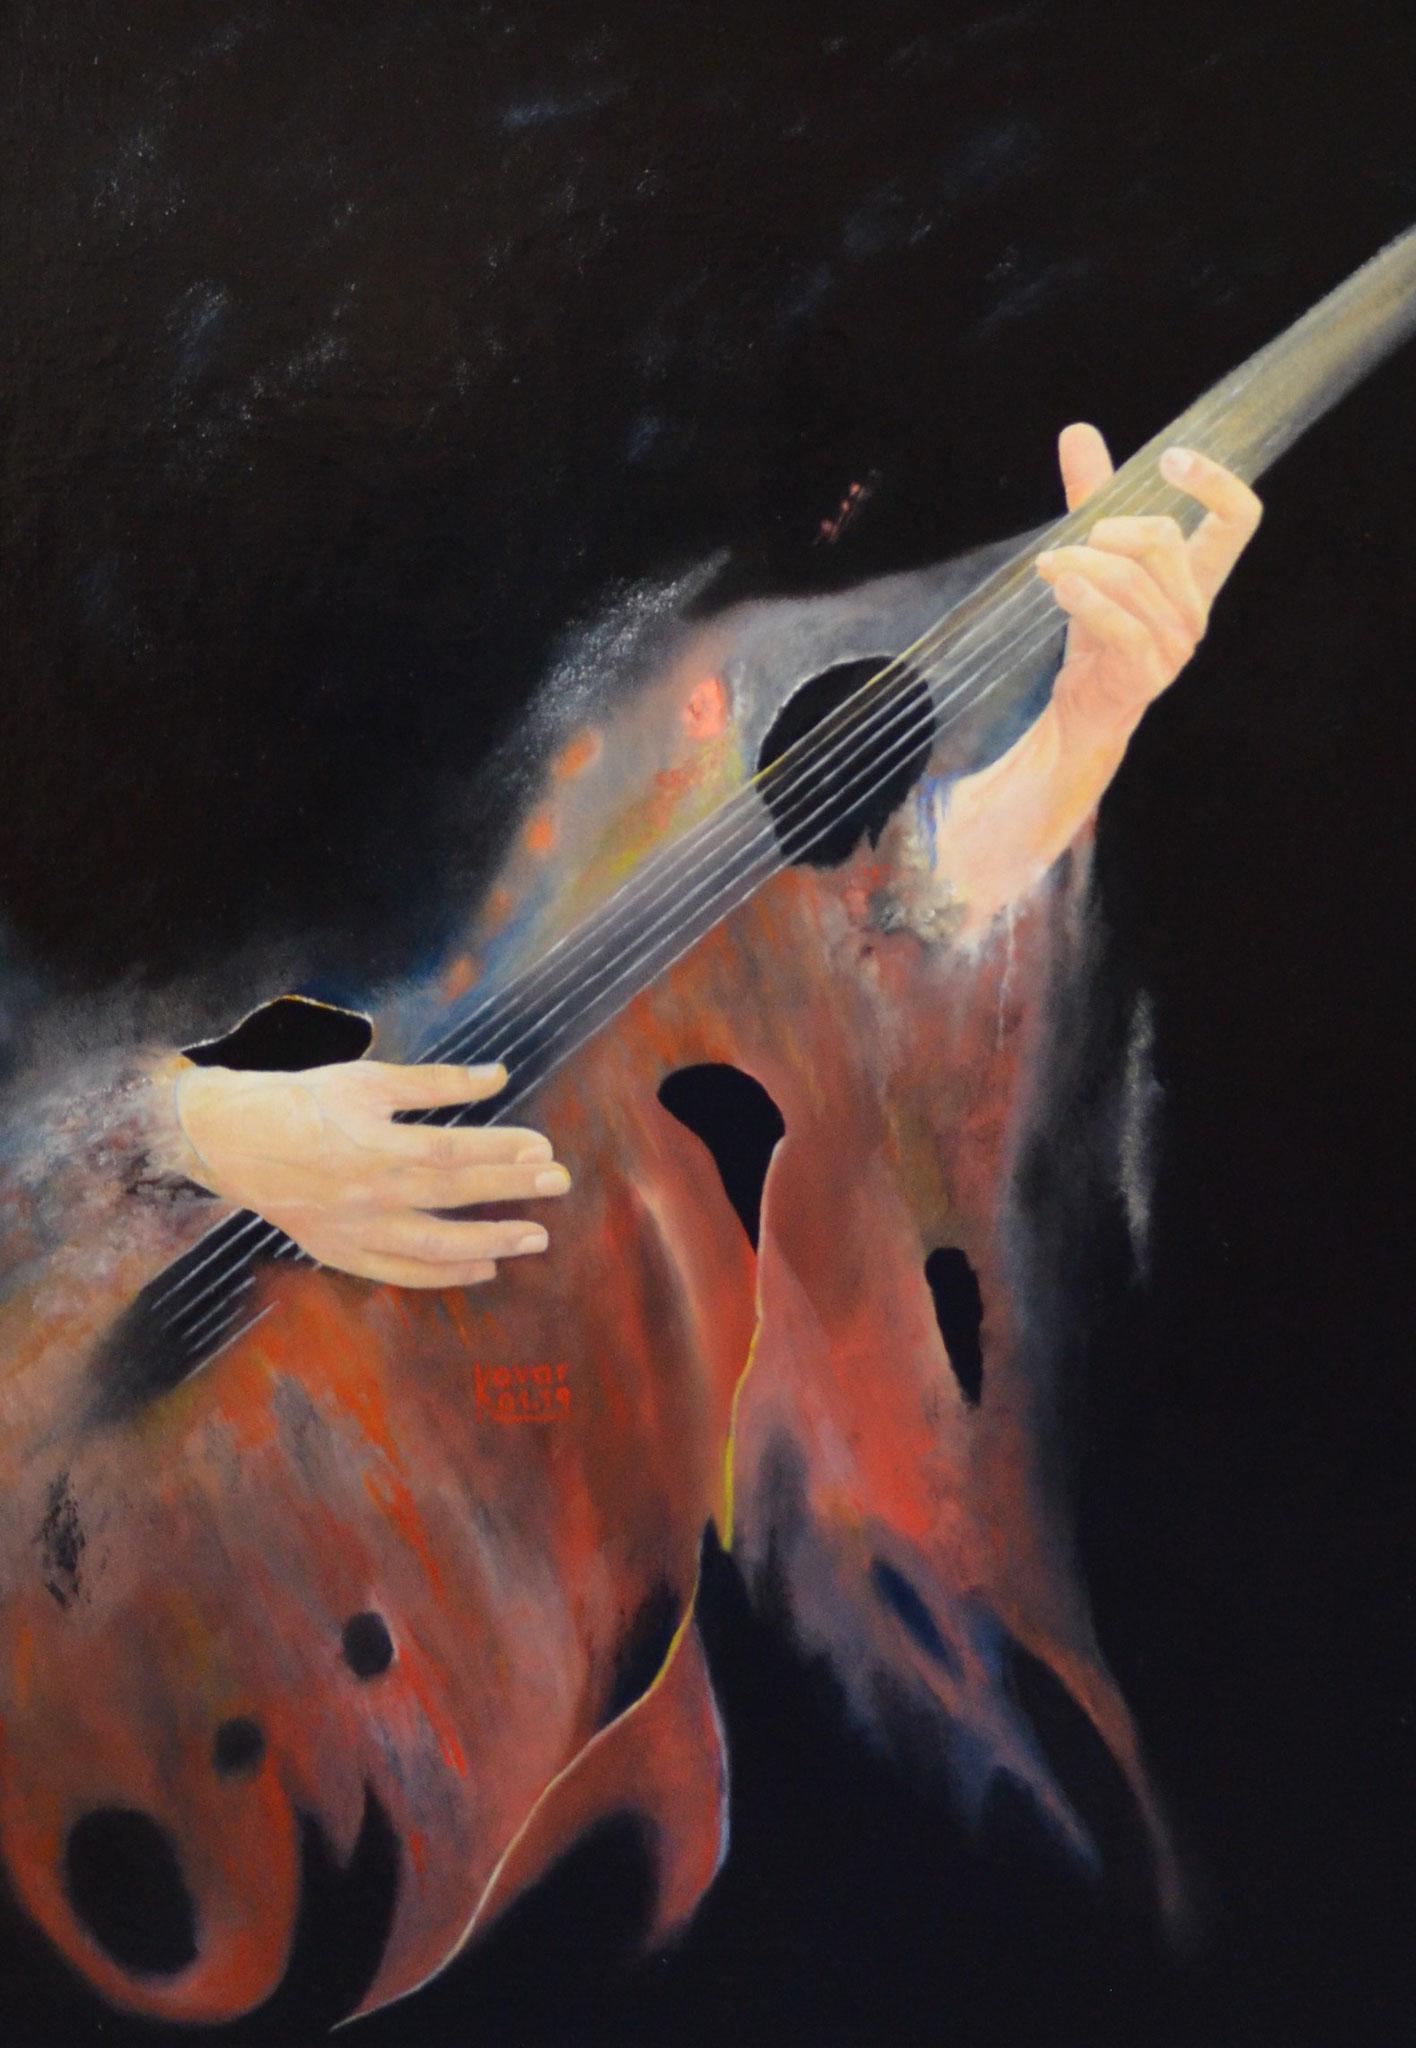 """Die Schwingungen der bespielten Gitarre werden im Bild """"Gitarrist"""" verdeutlicht. The vibrations of the recorded guitar are illustrated in the picture """"Guitarist""""."""